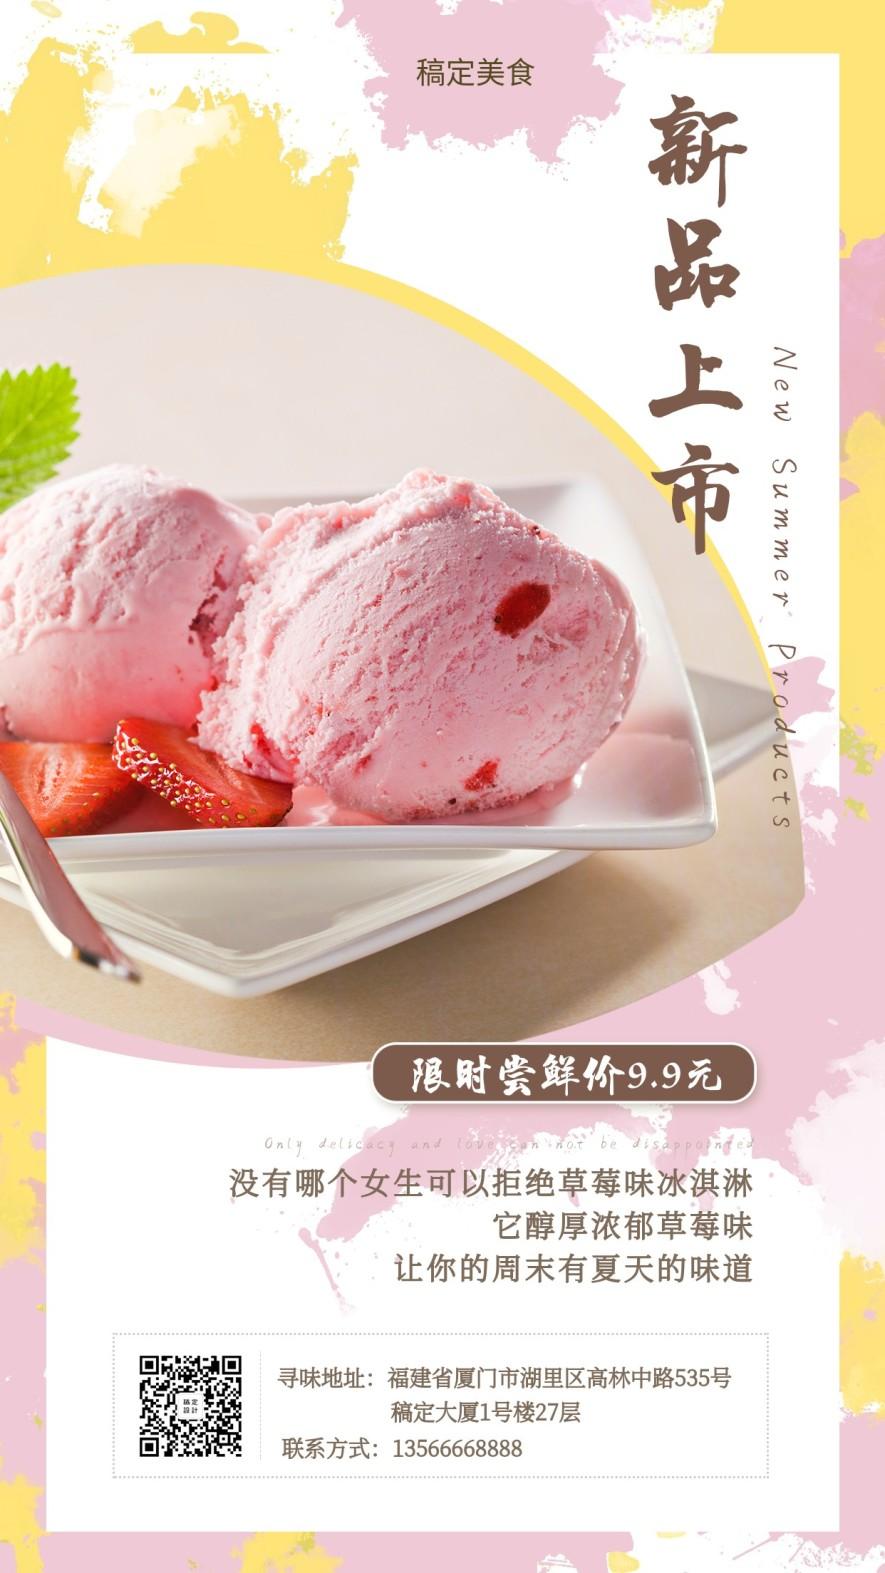 冷饮甜品/冰淇淋/新品上市/手机海报